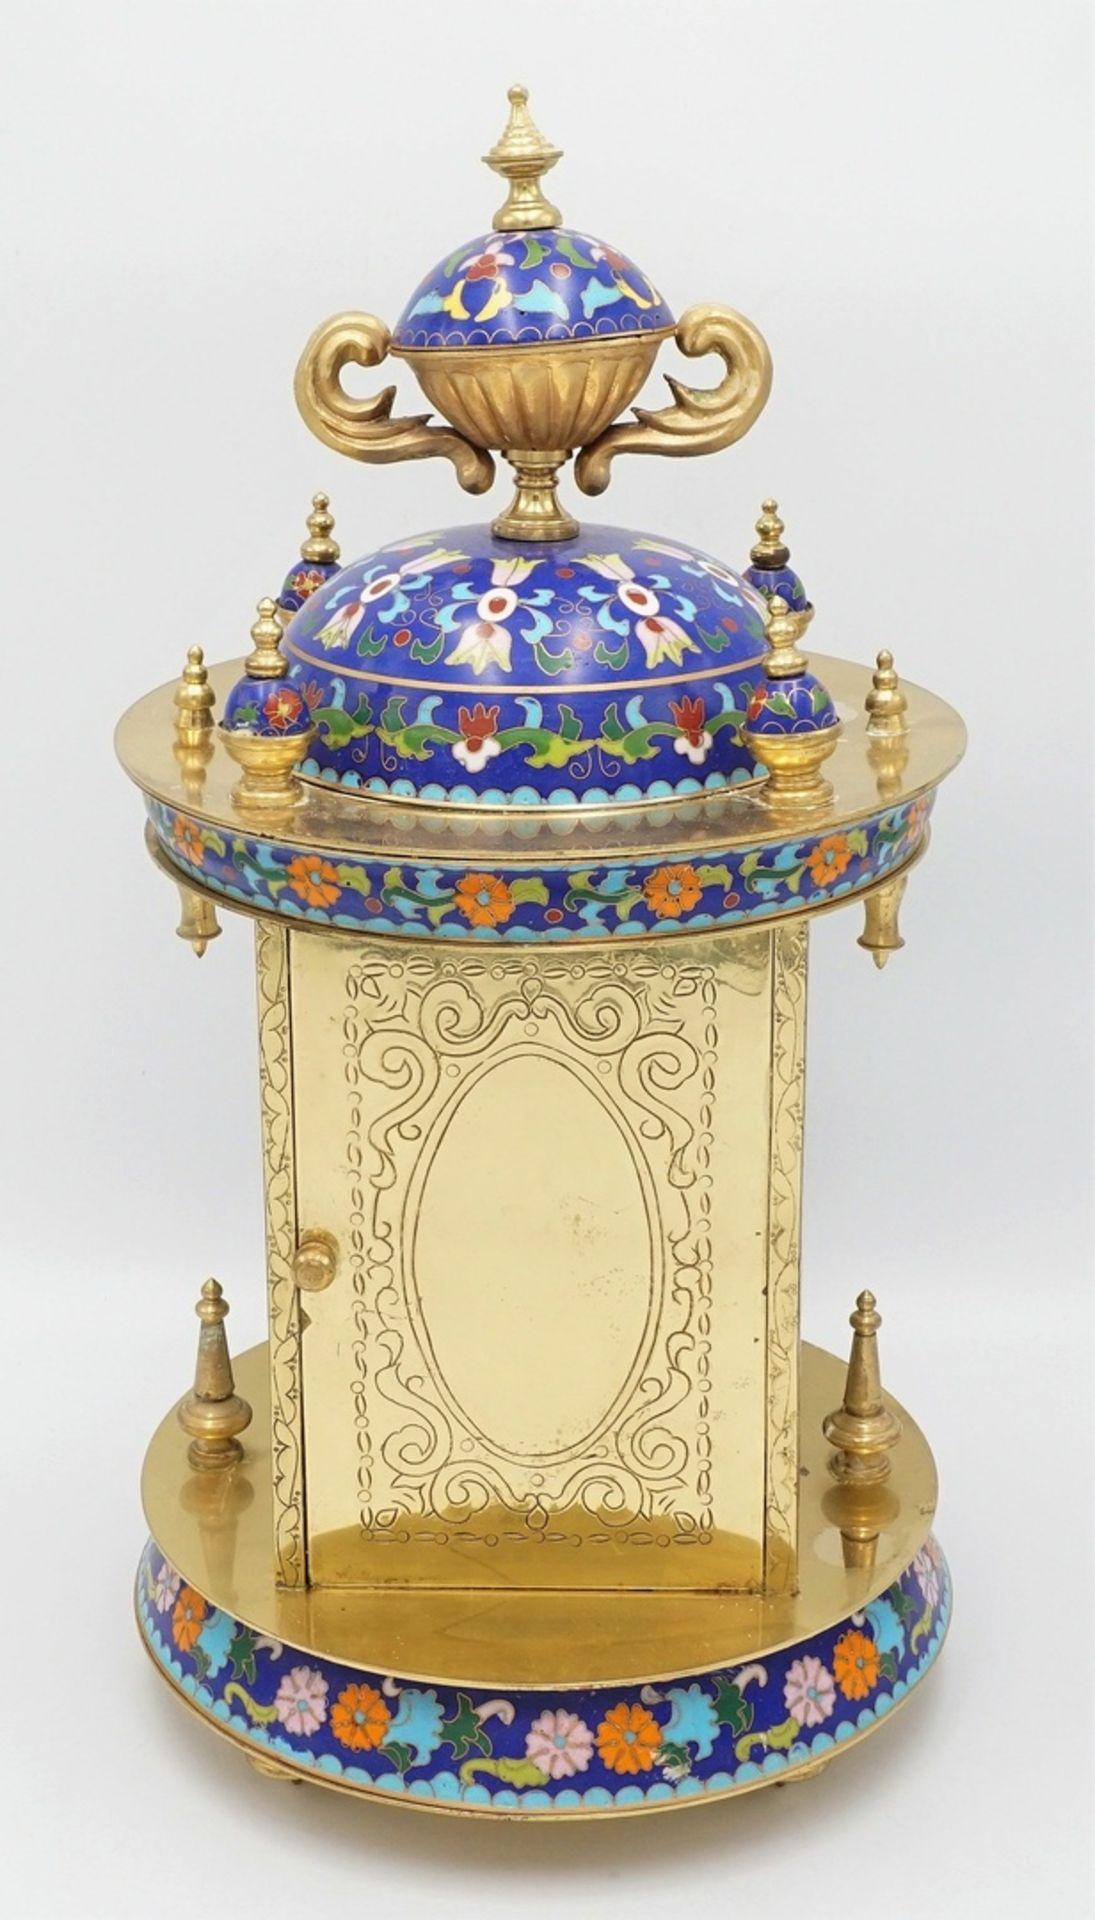 Orientalische Cloisonné Tischuhr, 2. Hälfte 20. Jh. - Bild 4 aus 5